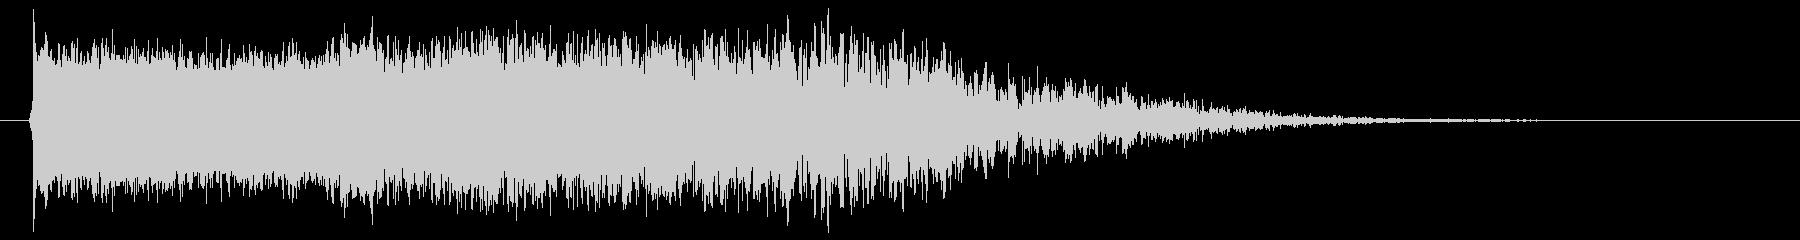 モンスターの鳴き声(ギャース2)の未再生の波形